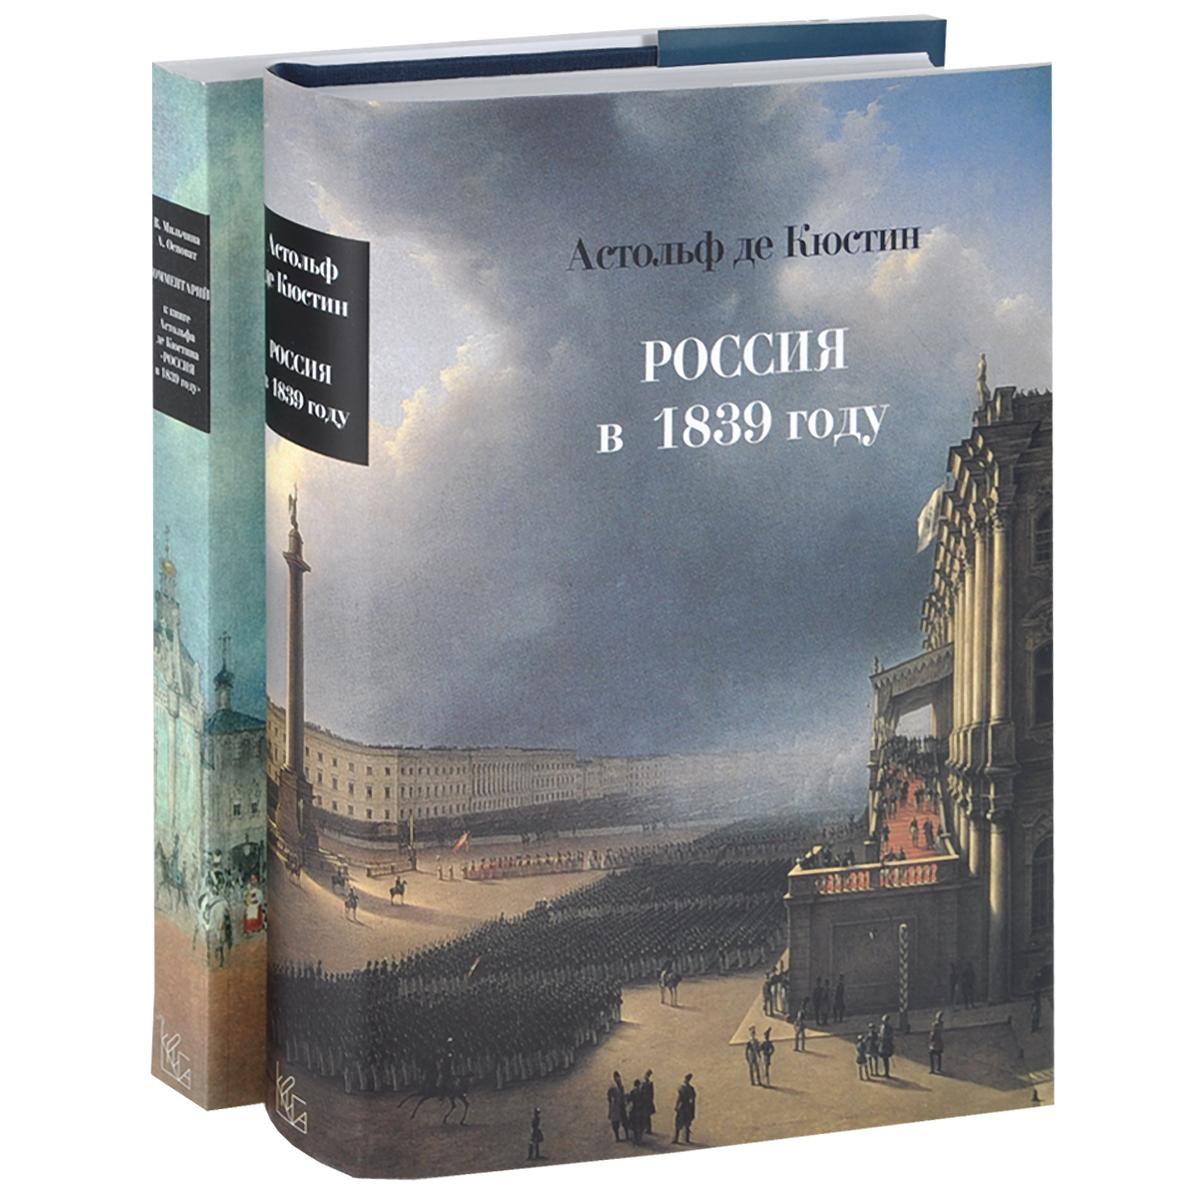 Астольф де Кюстин. Россия в 1839 году (комплект из 2 книг)